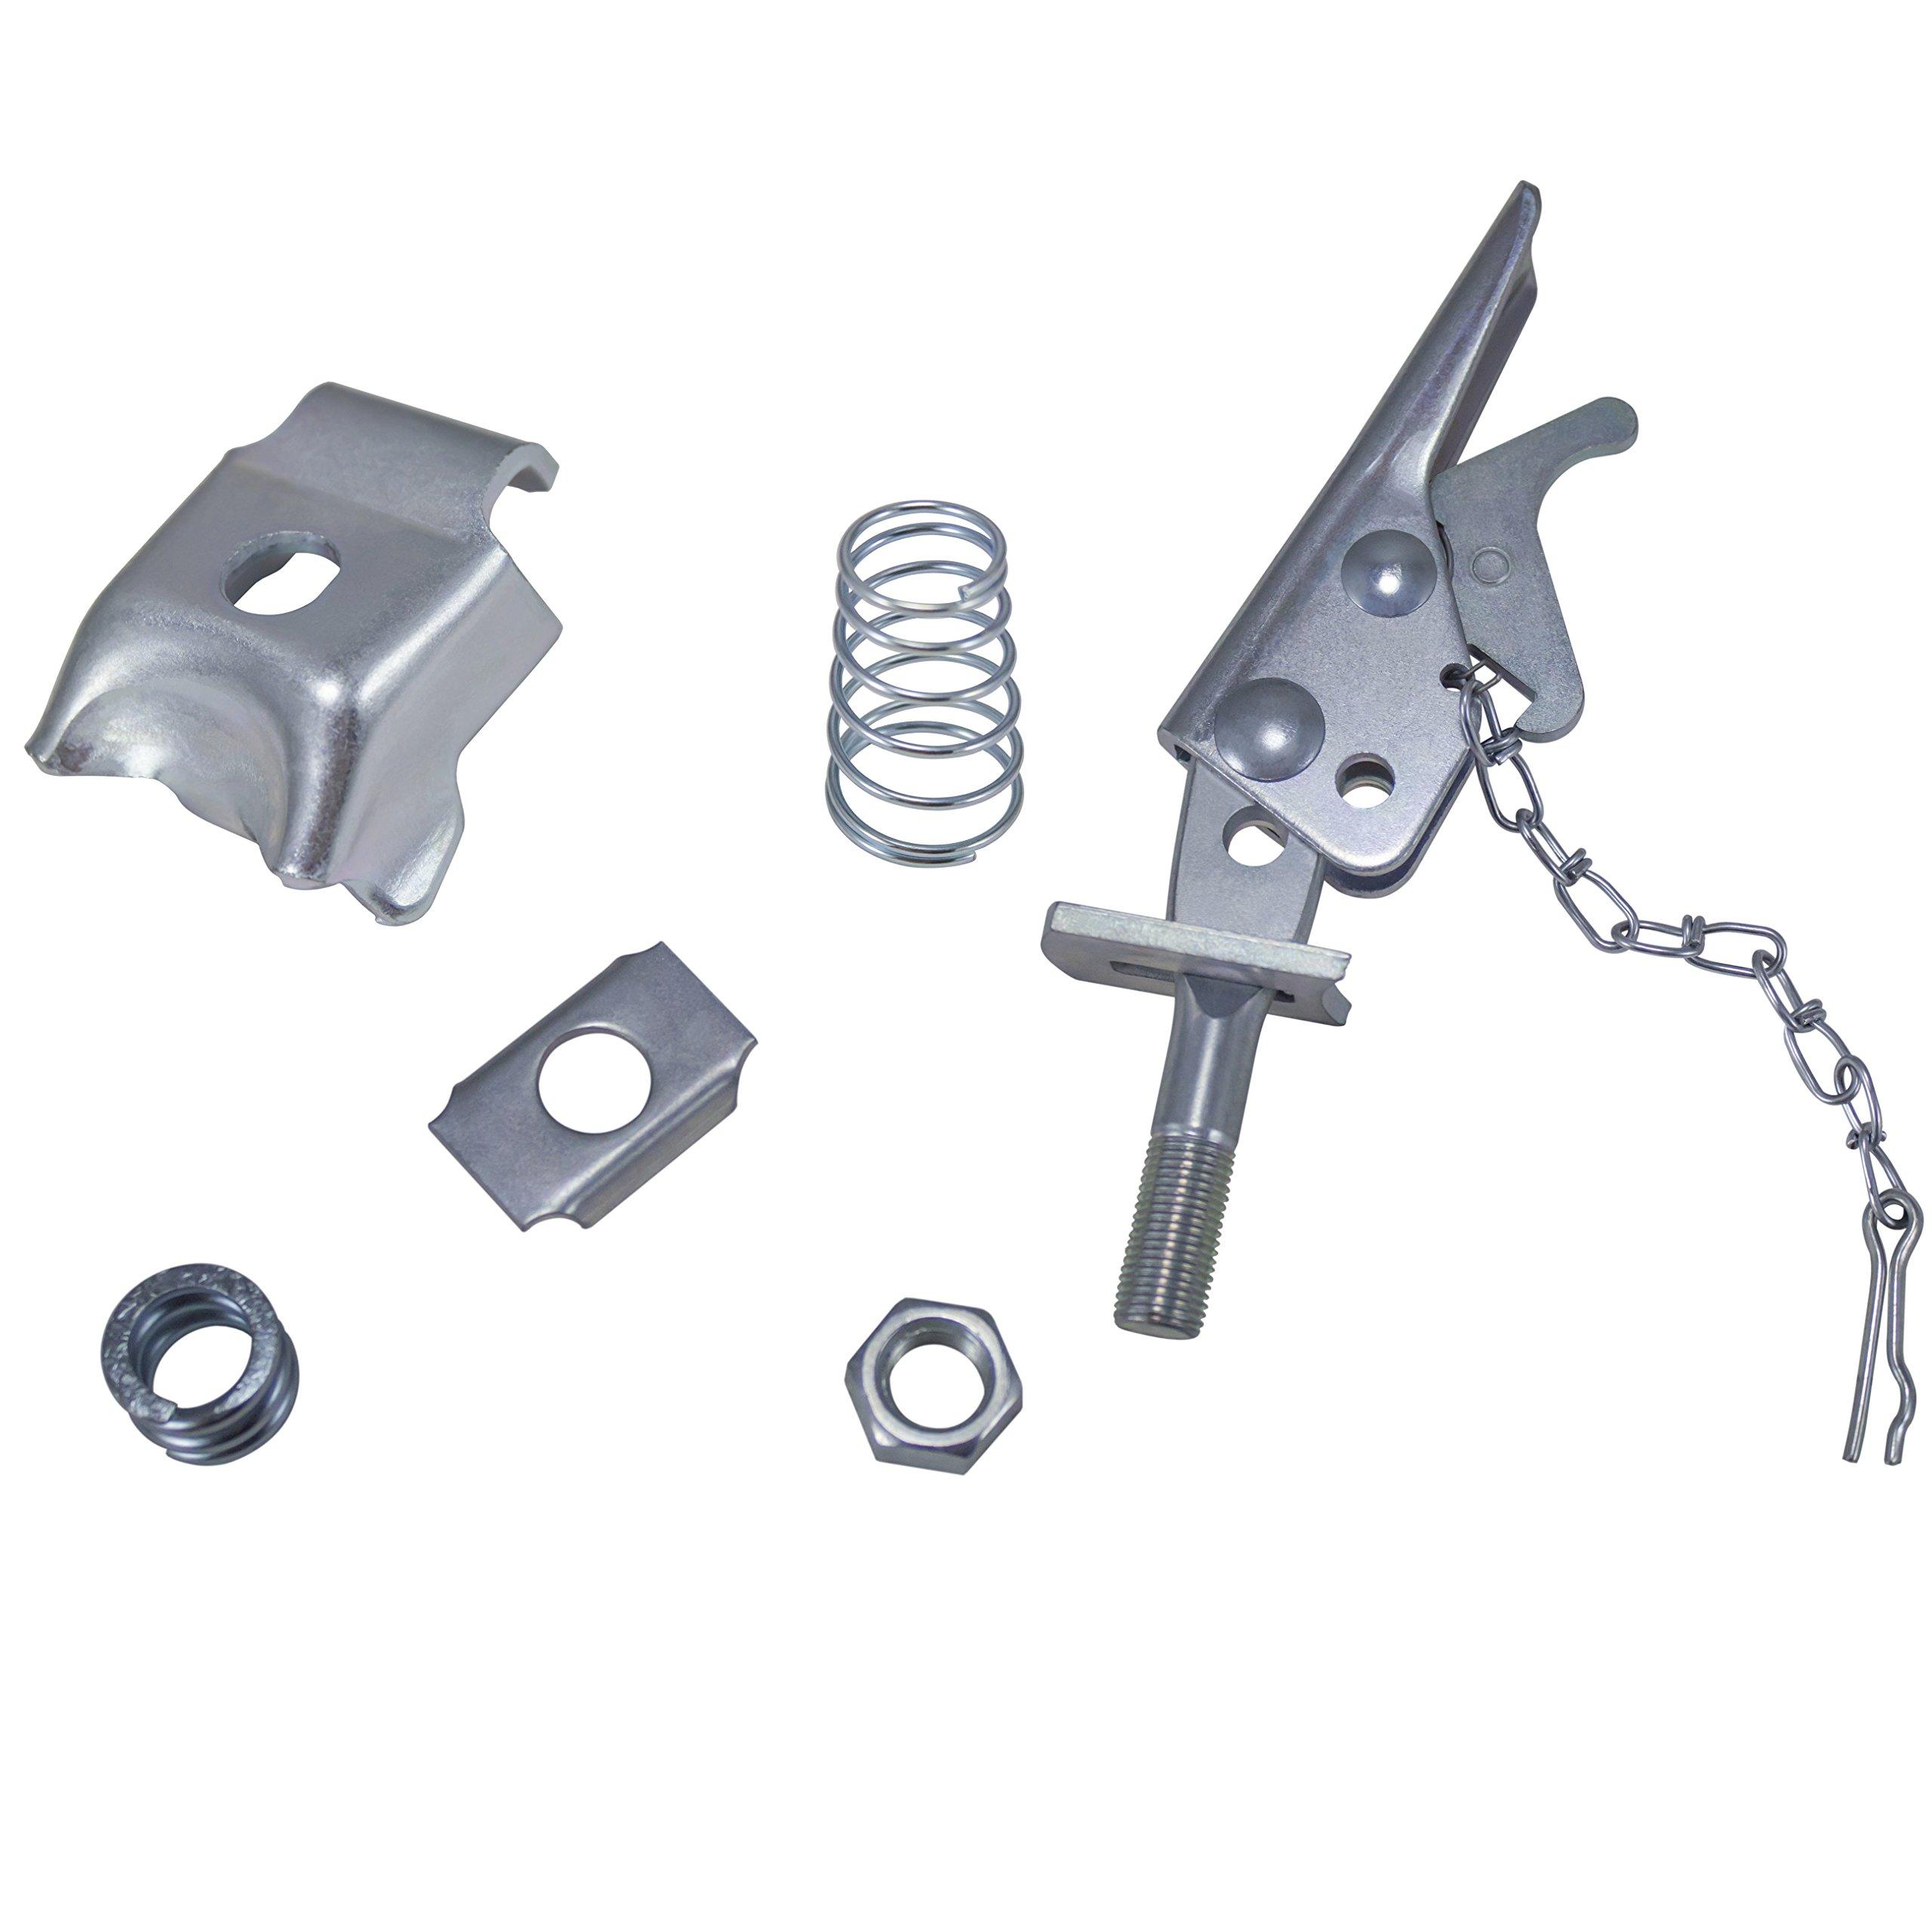 Cheap Bowling Ball Repair Kit, find Bowling Ball Repair Kit deals on ...